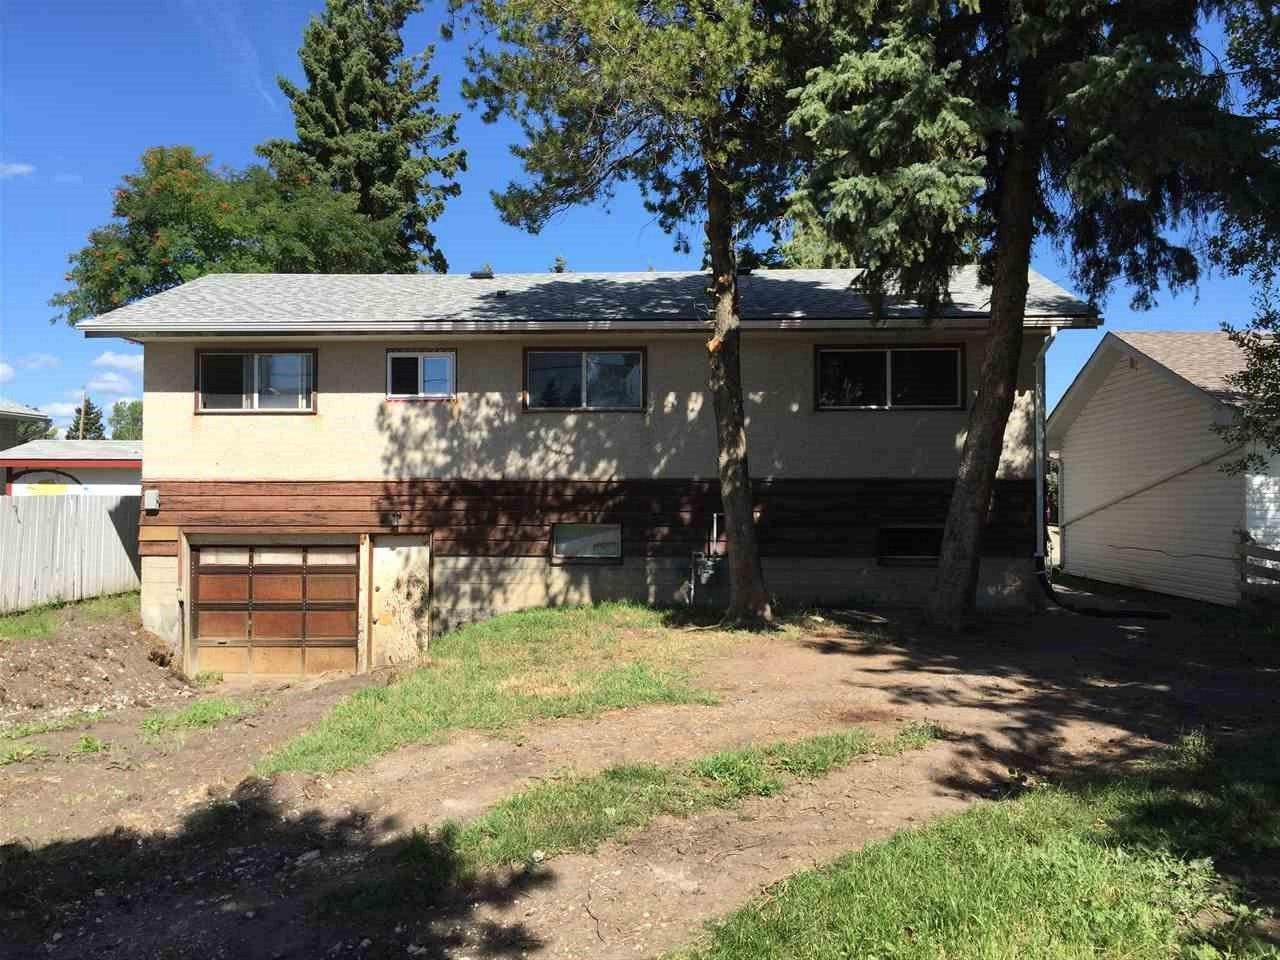 Photo 2: Photos: 9519 105 Avenue: Fort St. John - City NE House for sale (Fort St. John (Zone 60))  : MLS®# R2101318